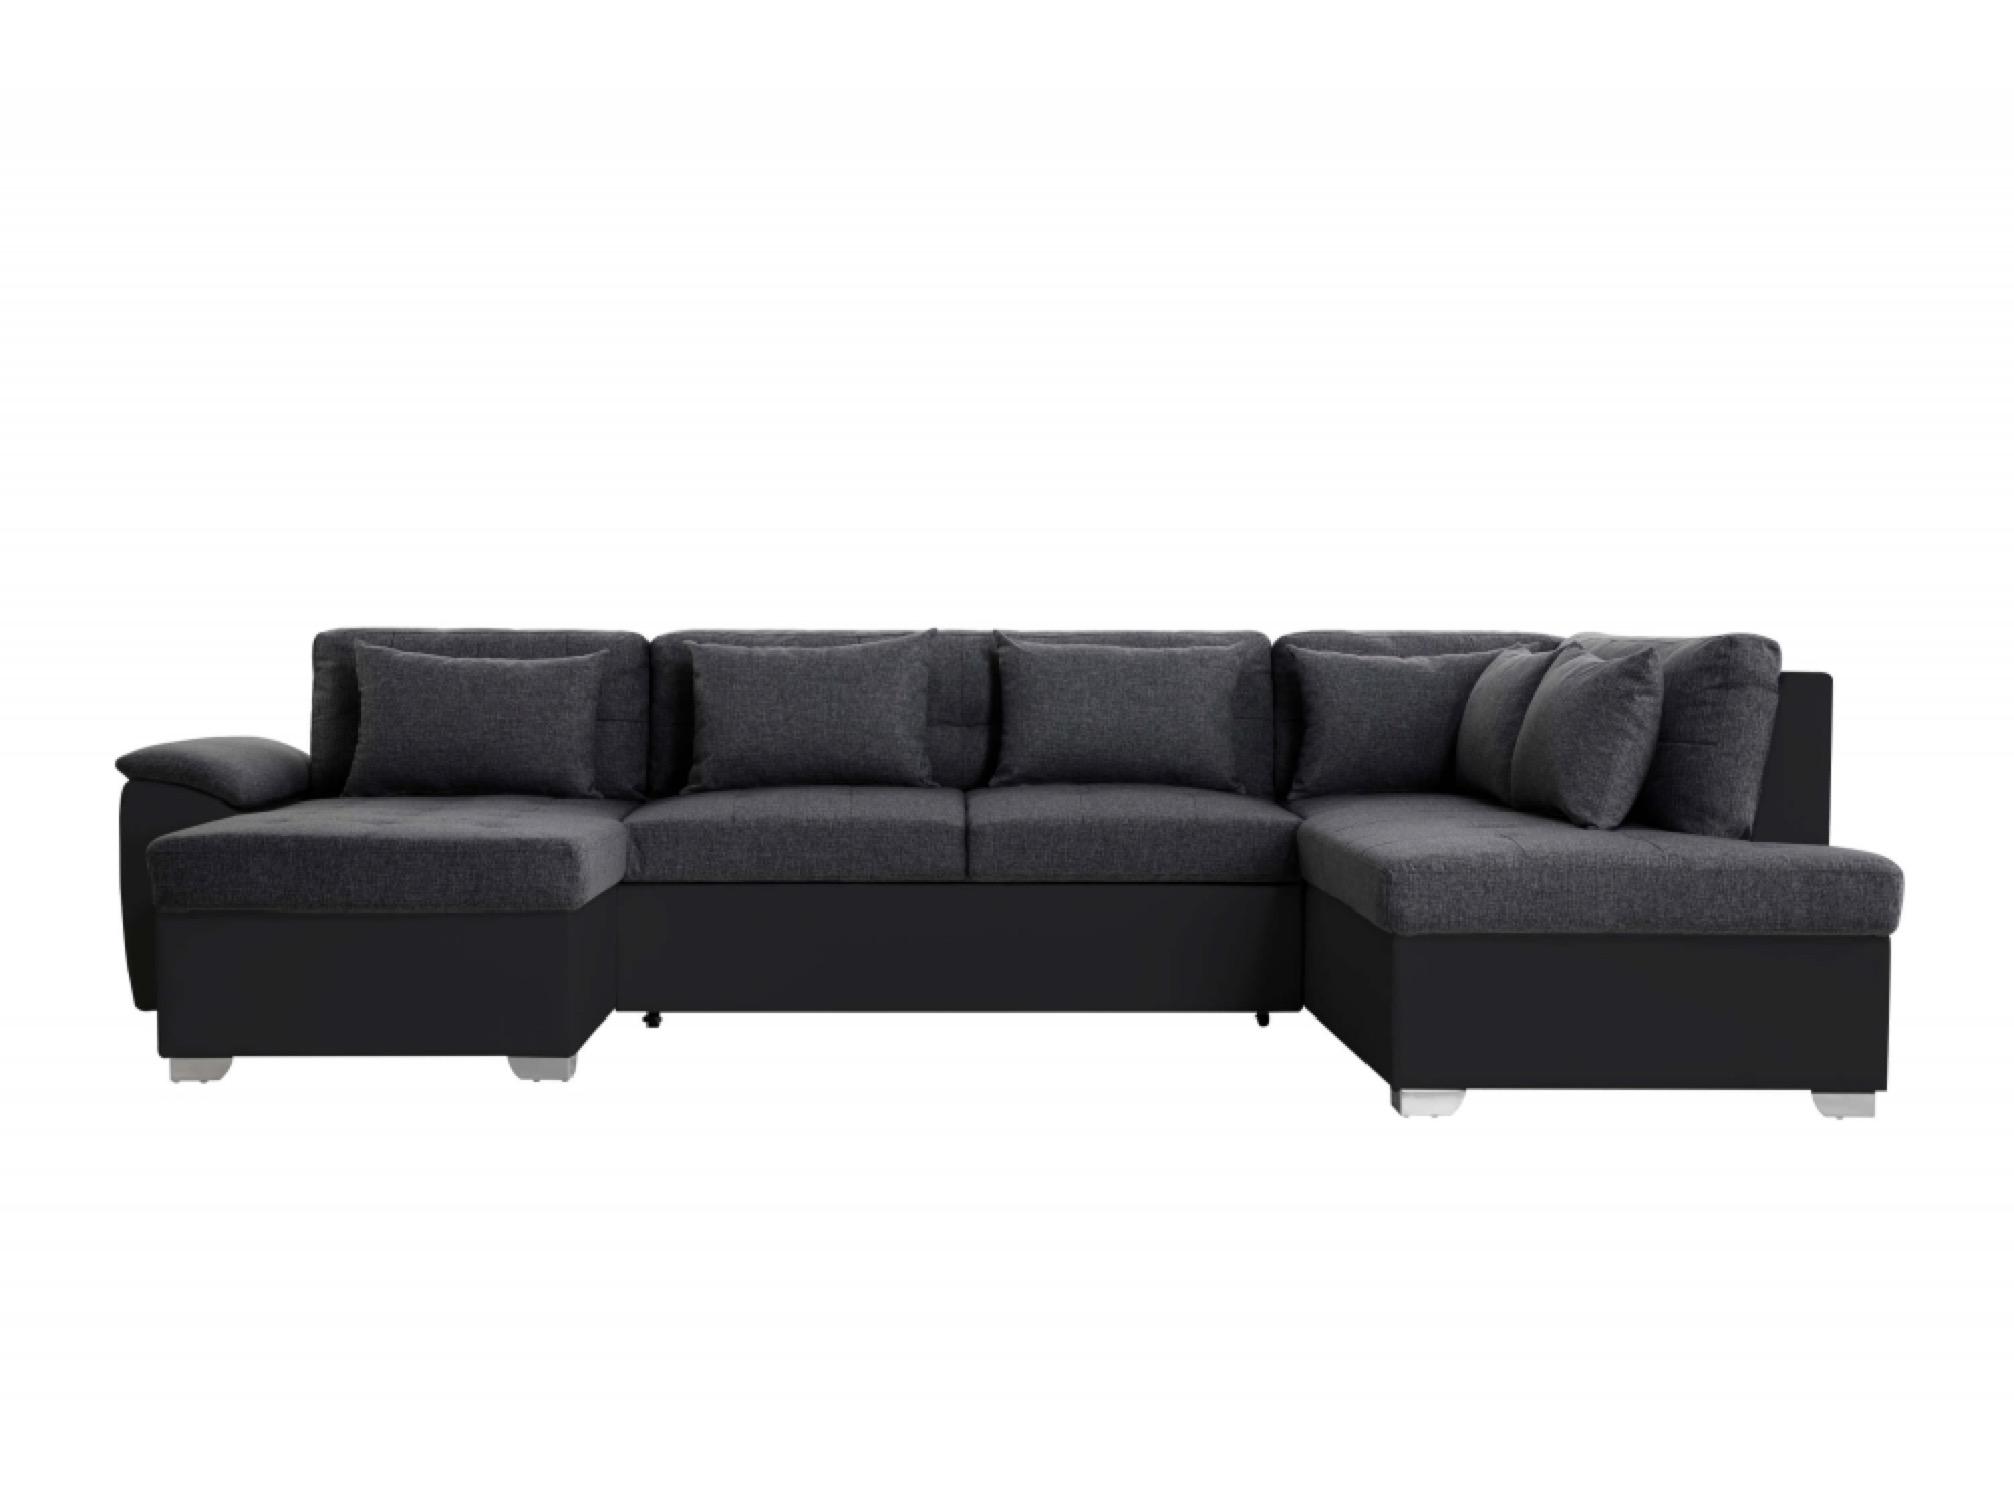 Canapé panoramique convertible bi-matière noir/gris